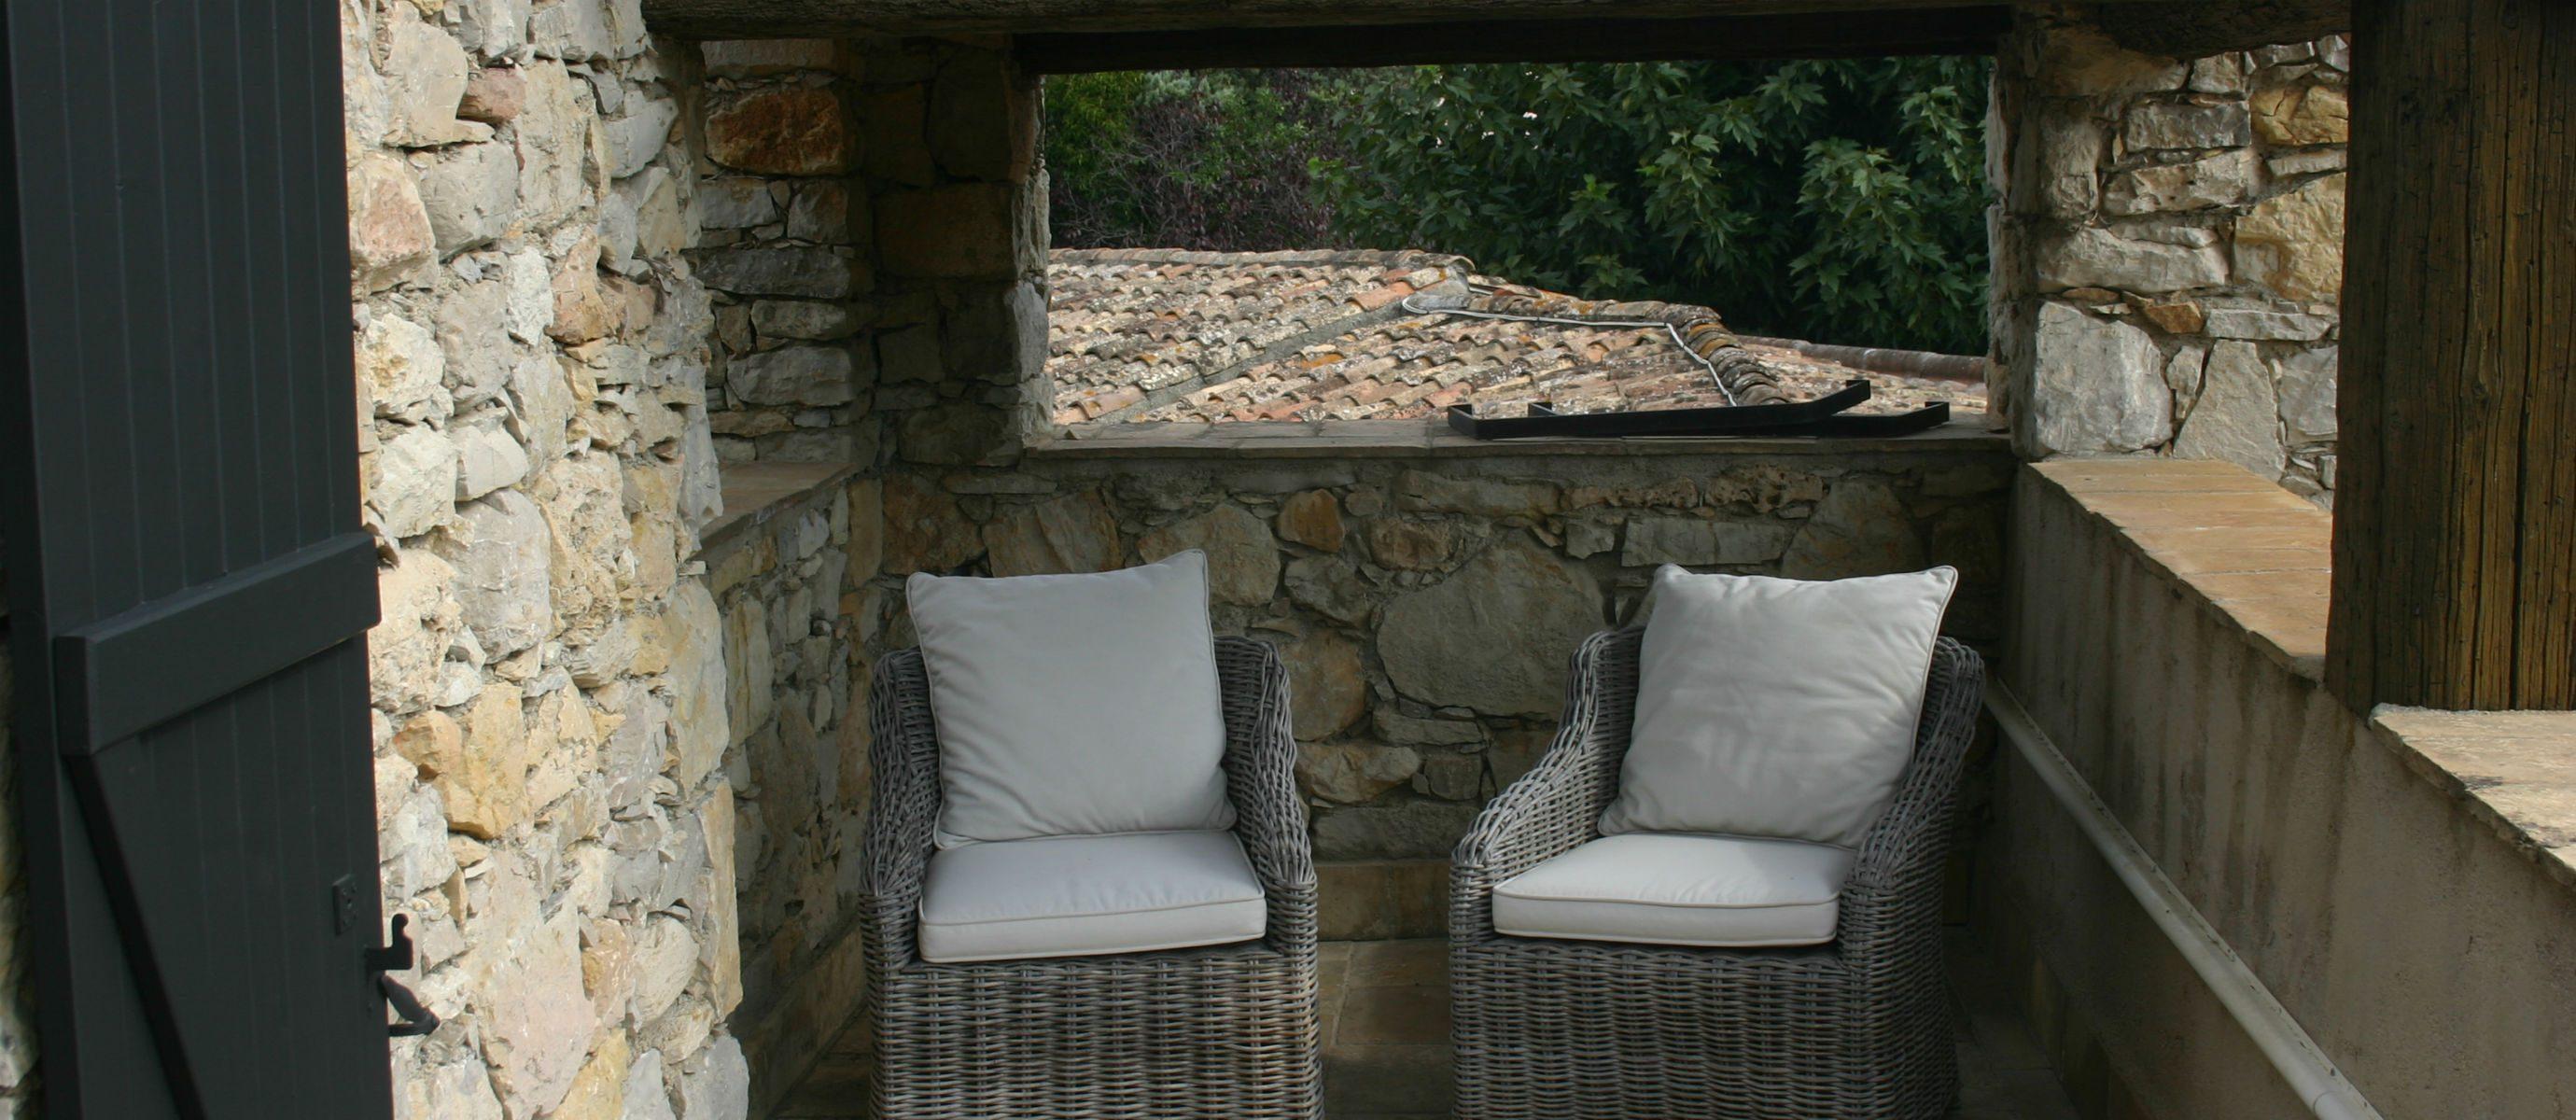 Le jardin des oliviers st tropez luxury for Le jardin de the